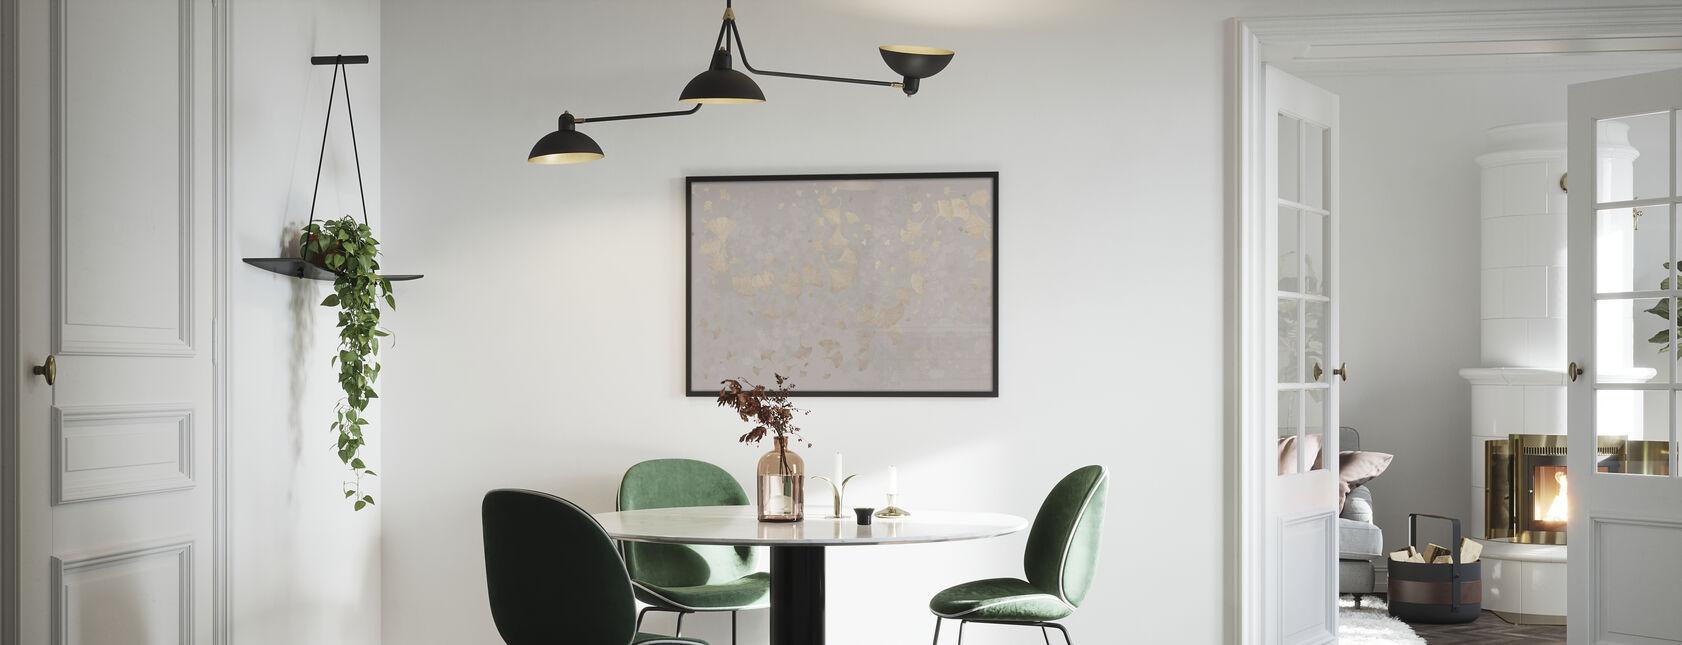 Ginkgo Blätter Blowin im Wind - Beige - Poster - Küchen